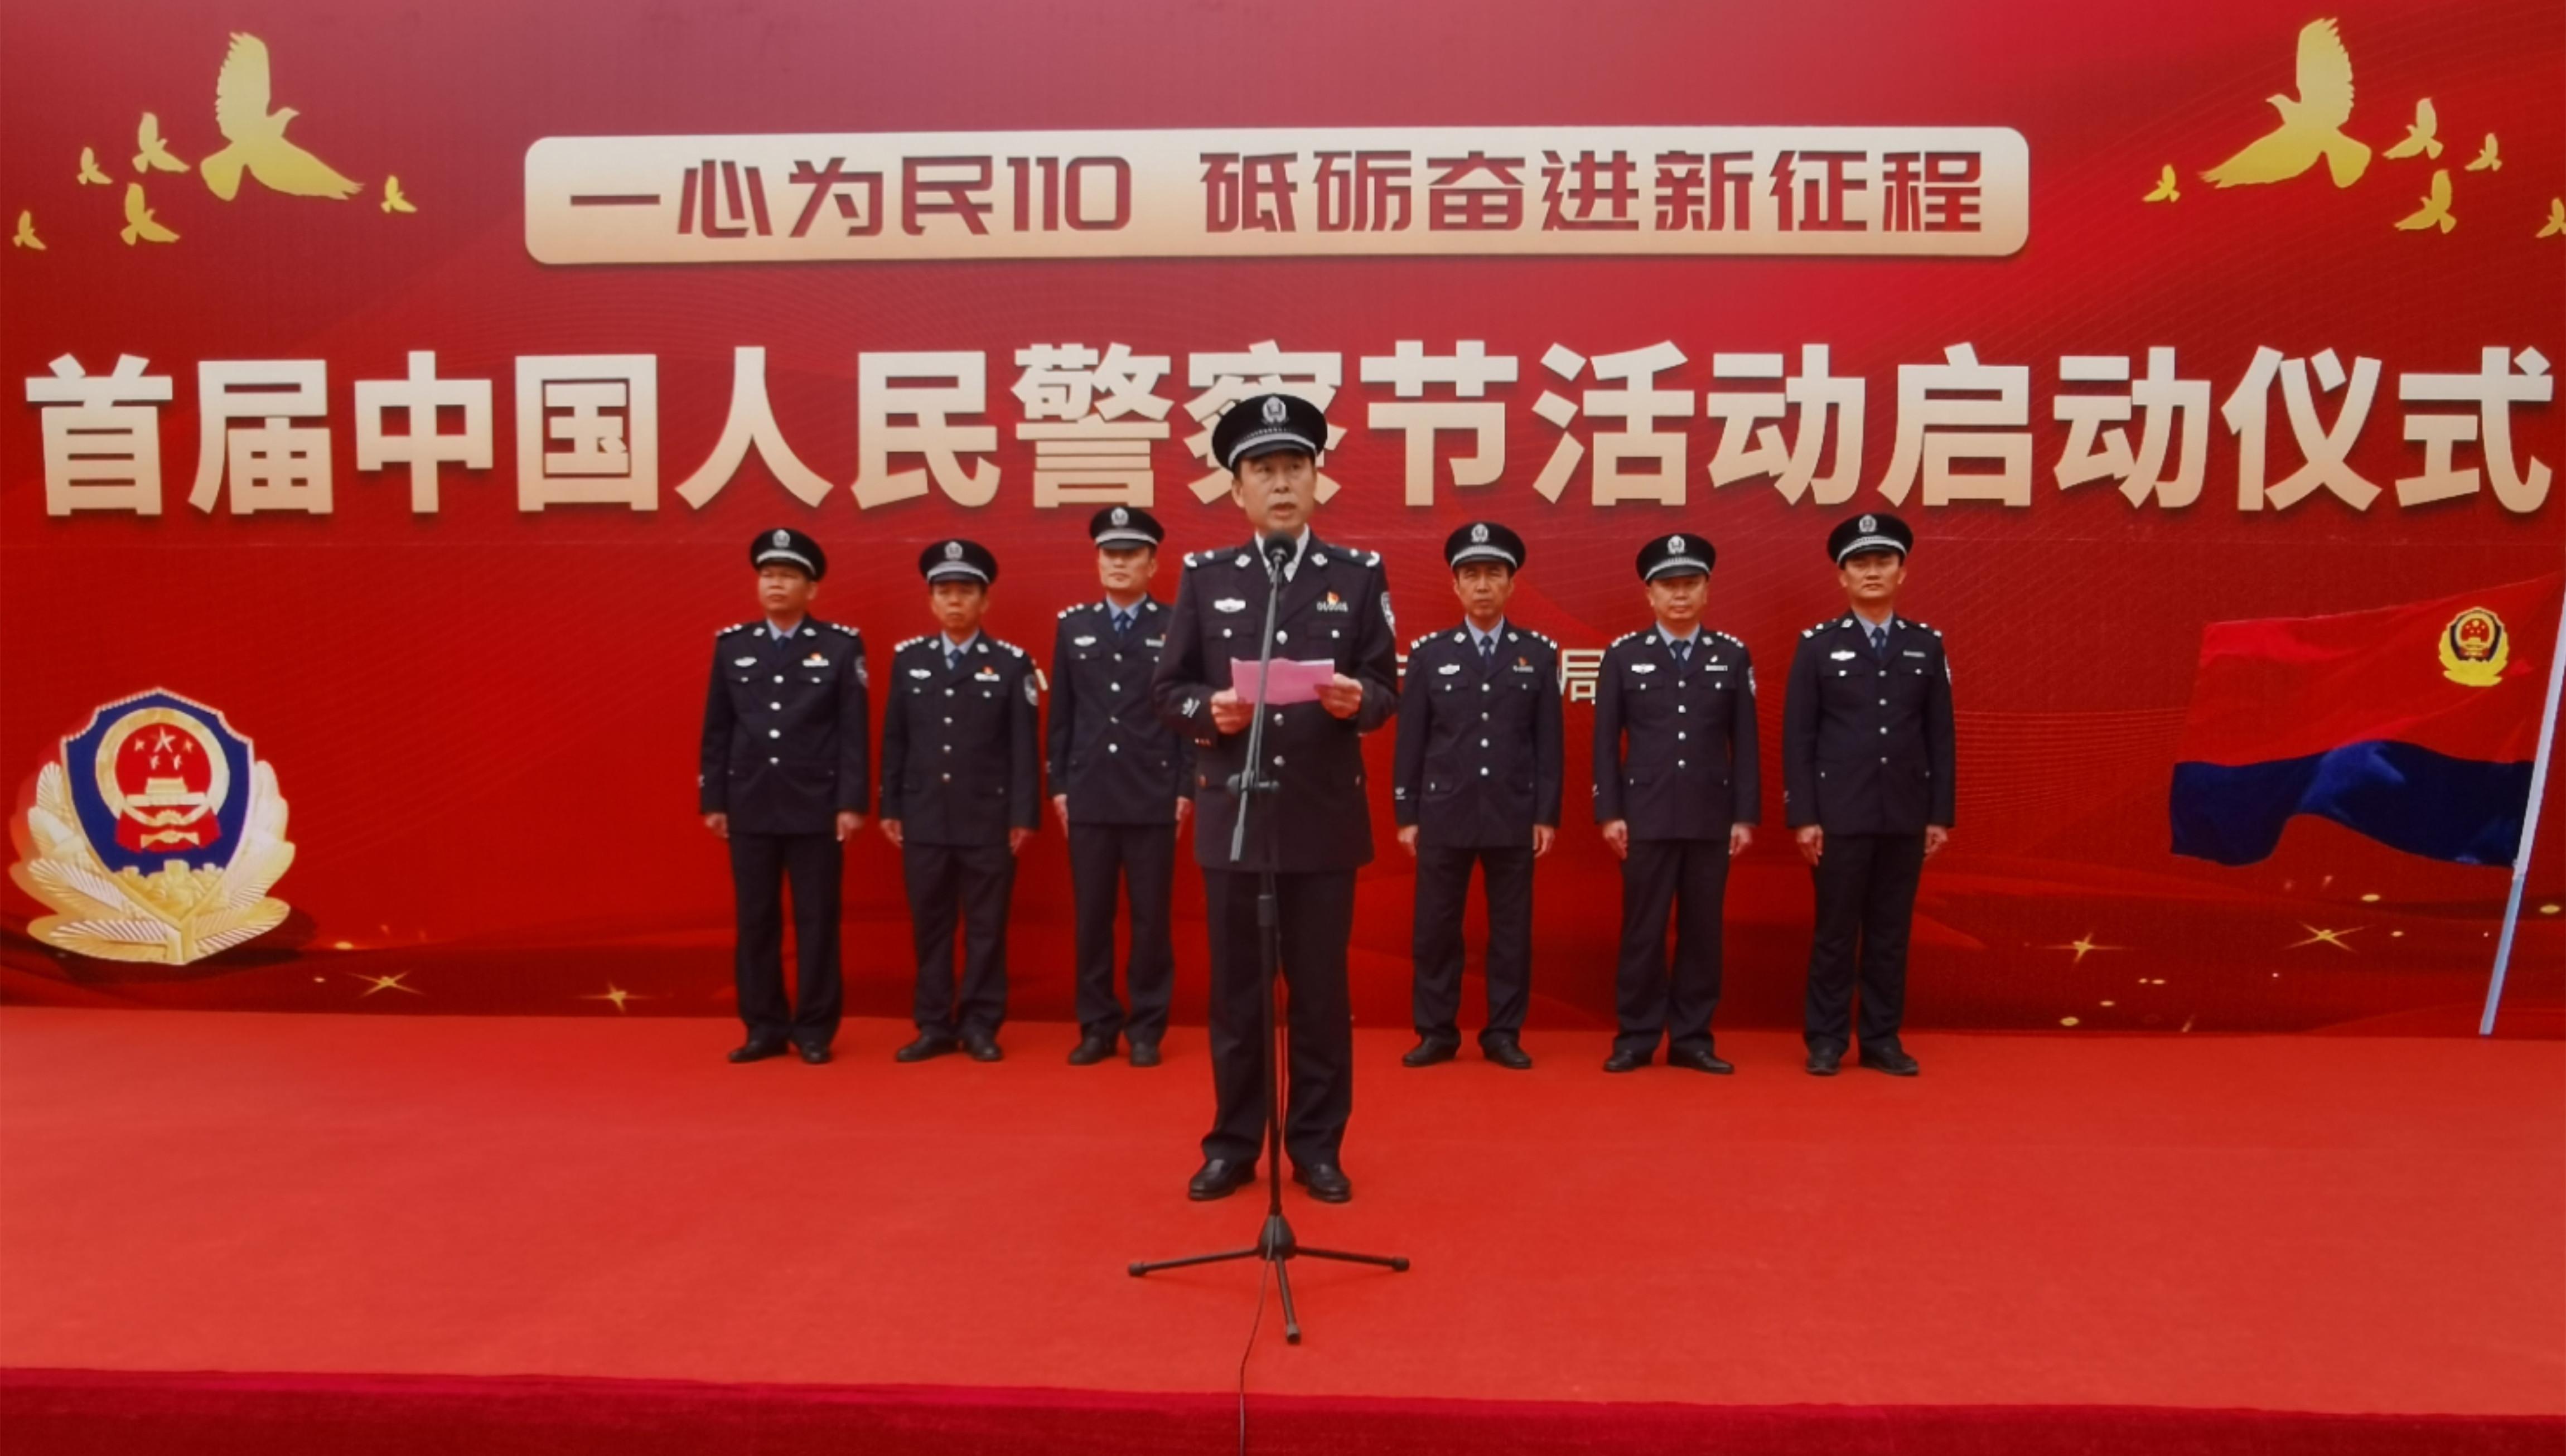 """为迎接首个""""中国人民警察节"""" 琼海市公安局这样做→"""